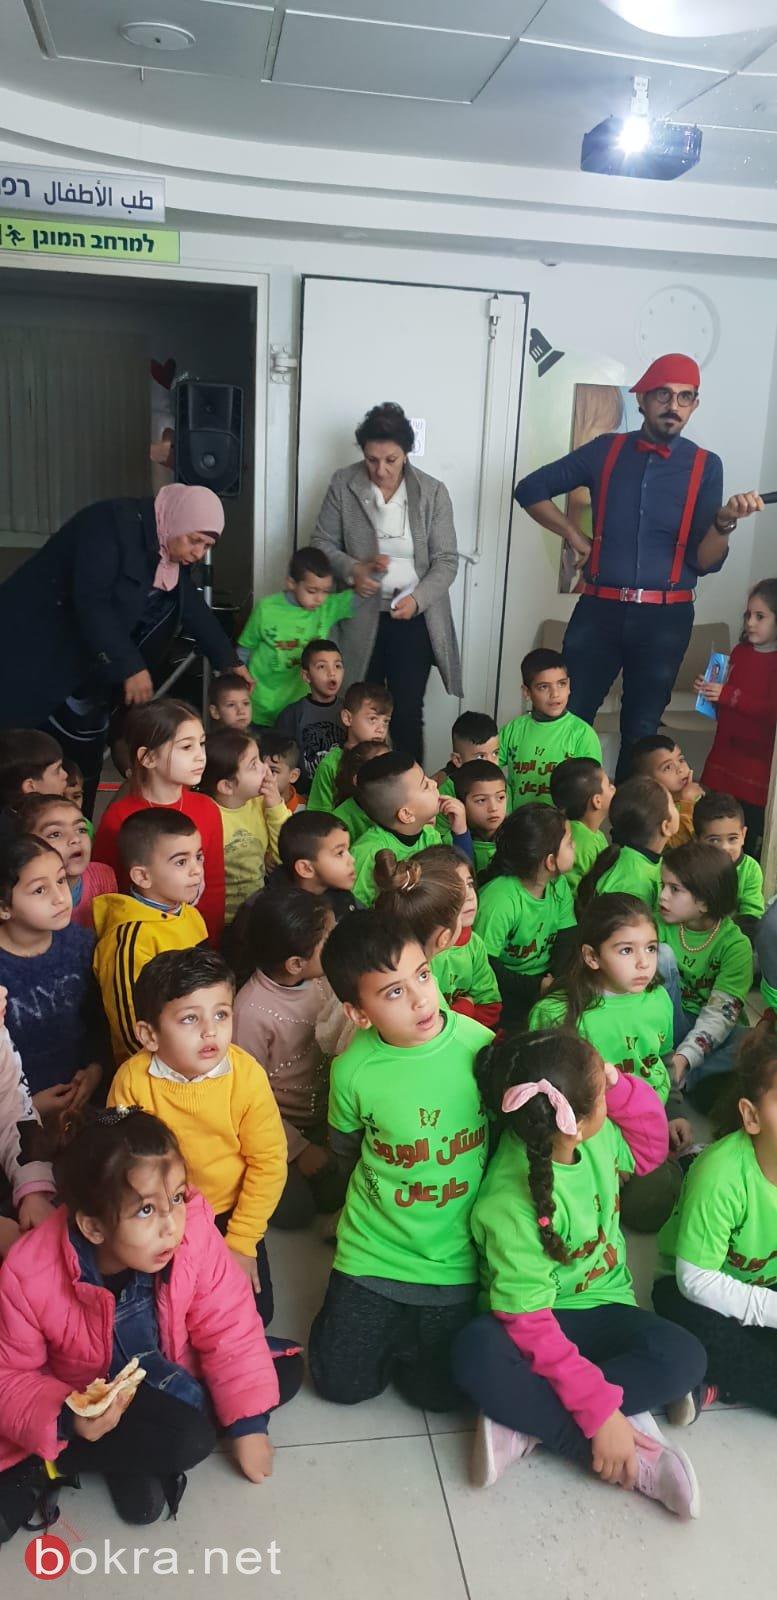 فعالية مفرحة للأطفال في عيادة كلاليت طرعان